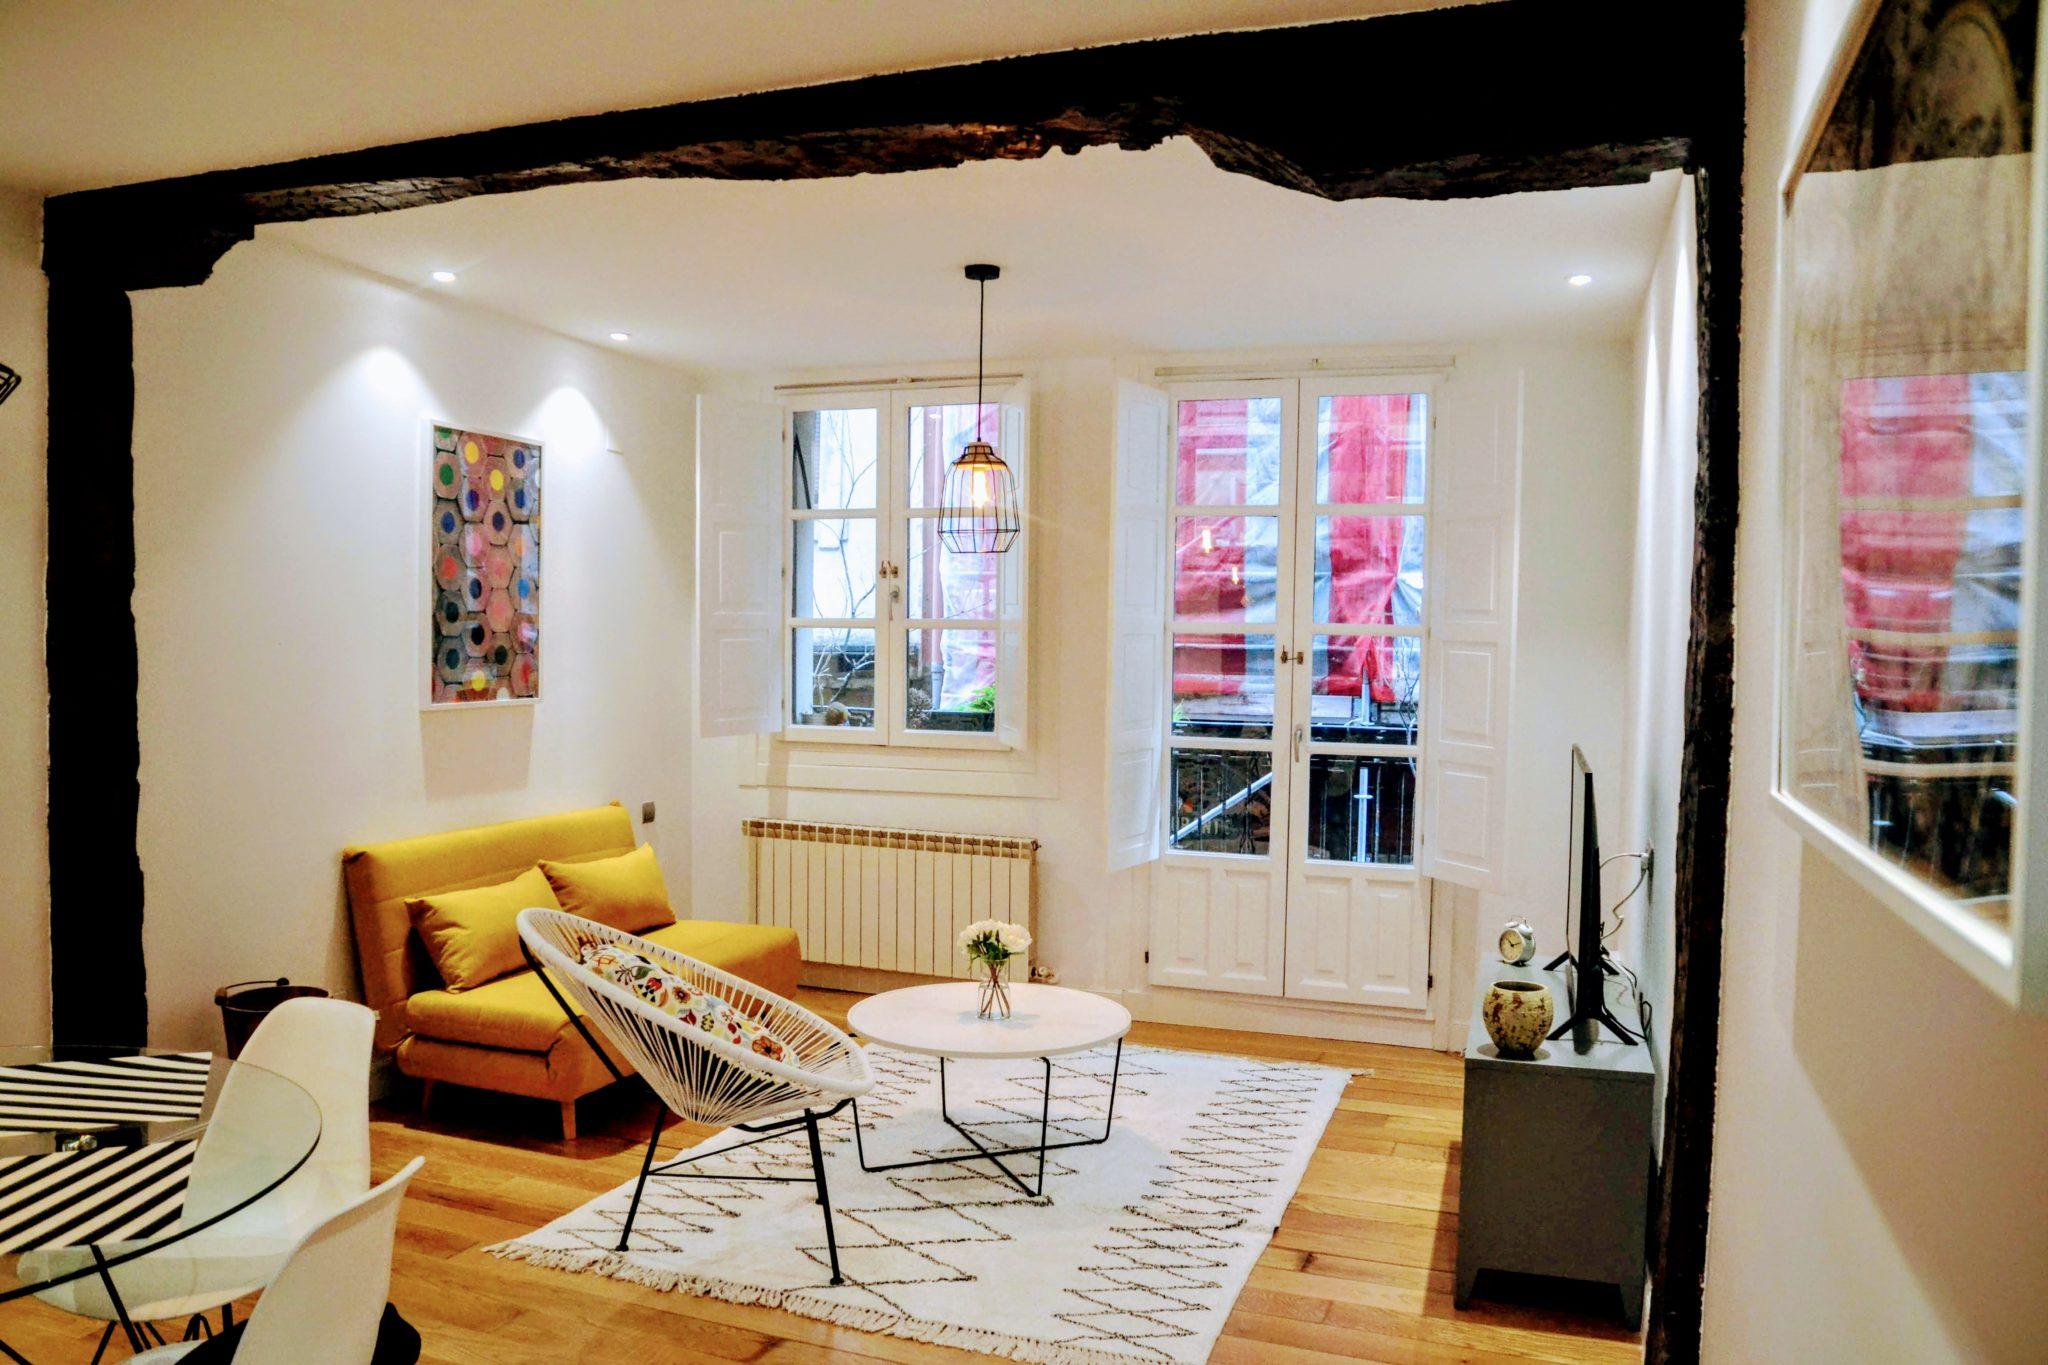 Inmobiliaria Casco Viejo Bilbao - Inspirate y decora tu piso en el Casco Viejo de Bilbao